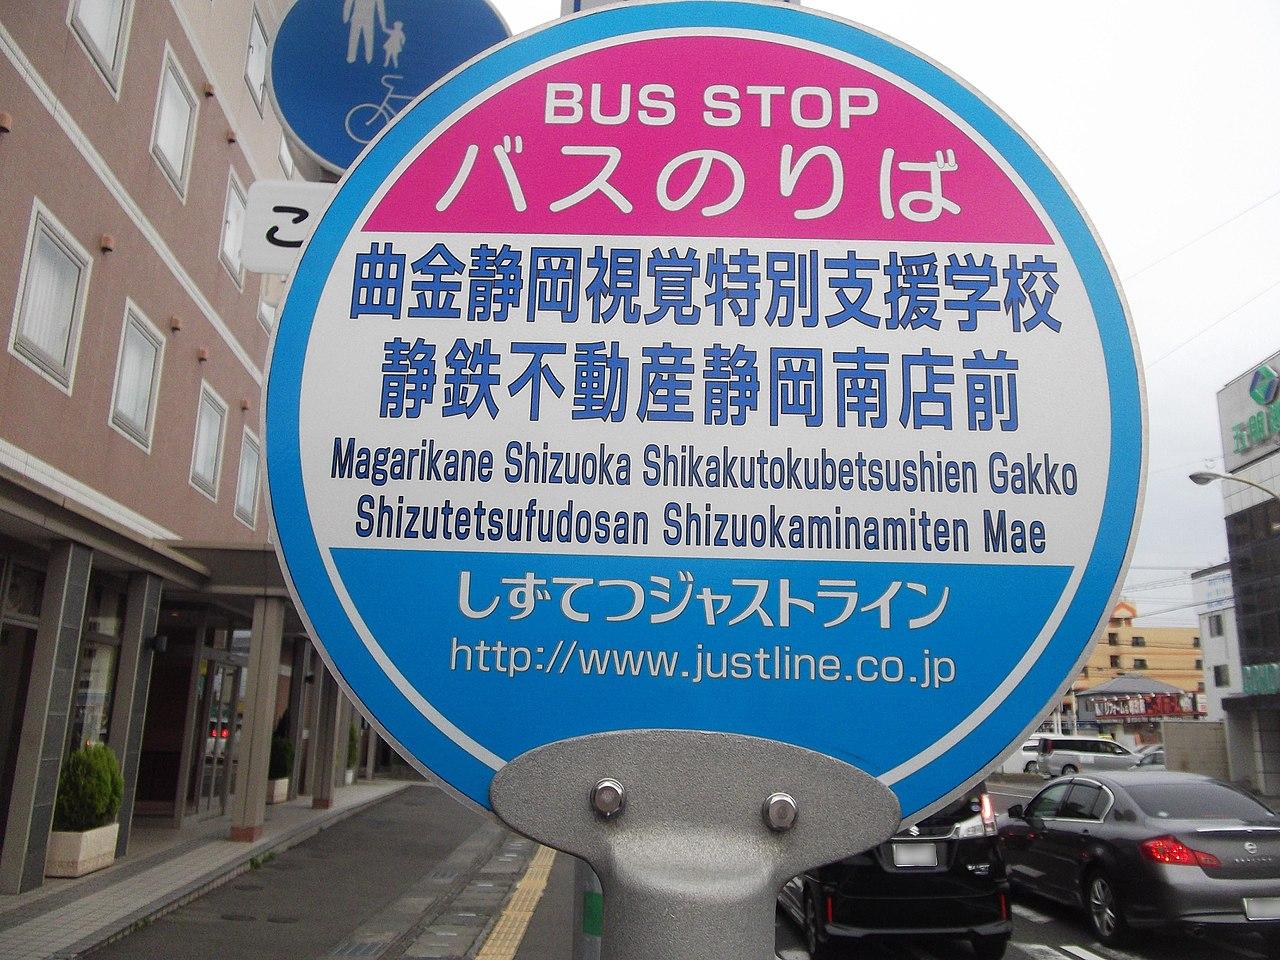 【迪士尼彩乐邀请码12345】_日本最长公交站名有多长:共有22个汉字,转化为假名则多达43个字